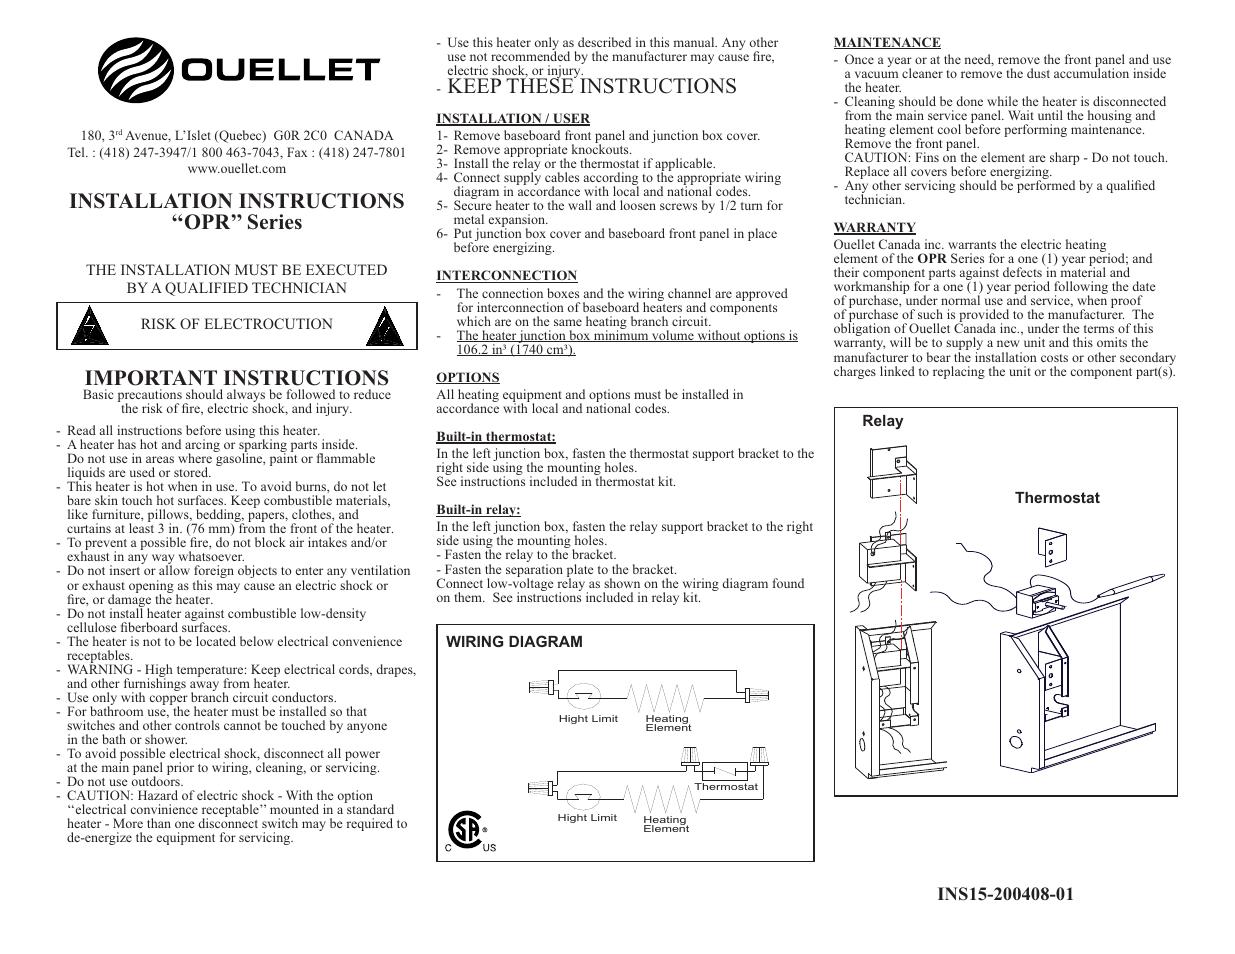 Ouellet Opr User Manual